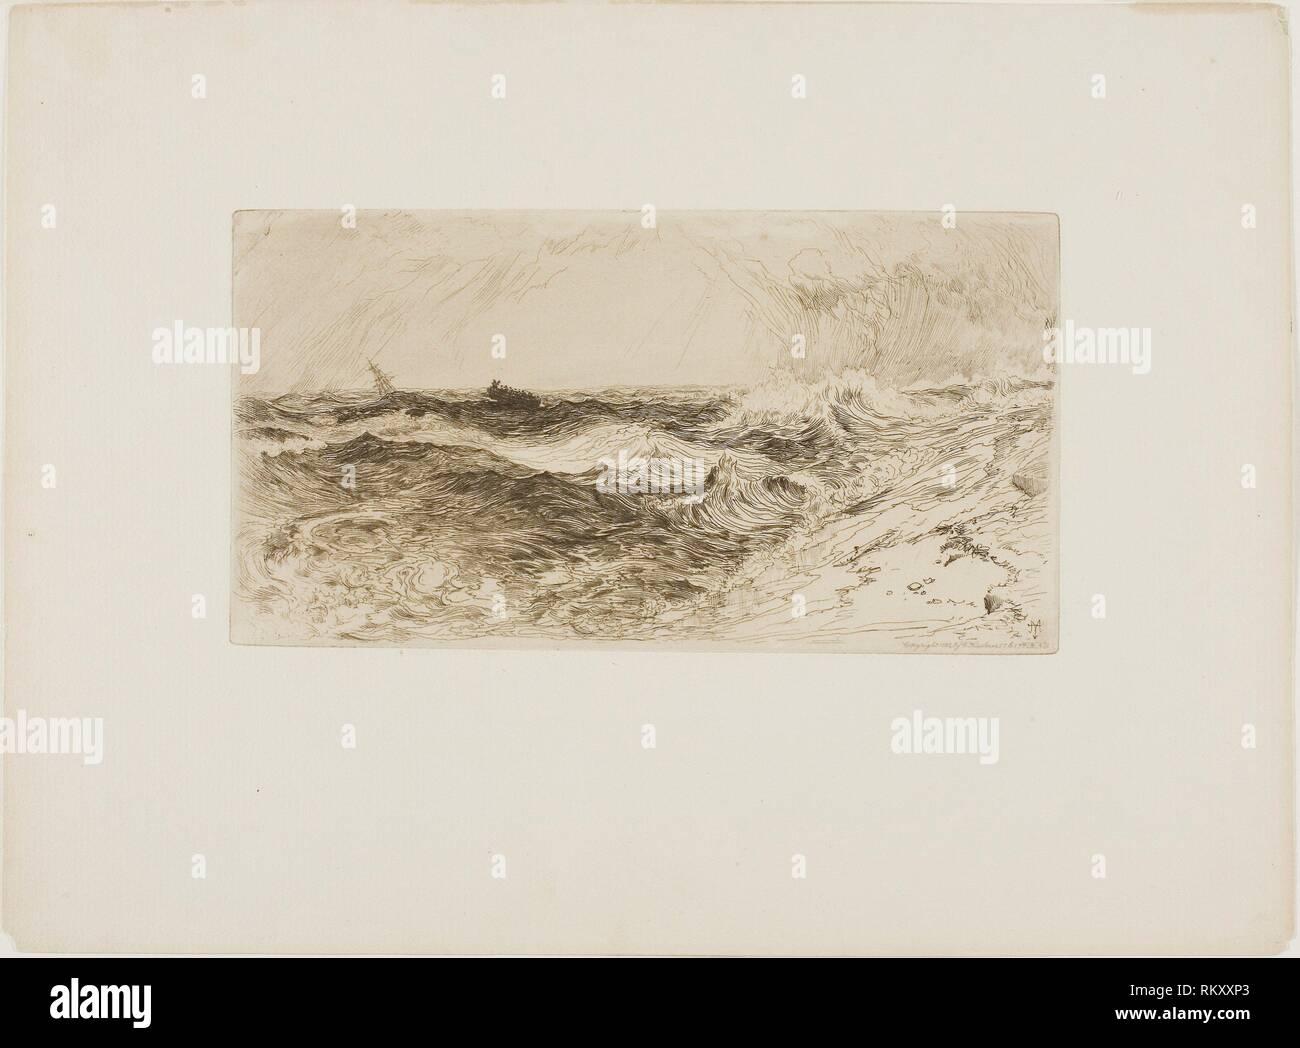 El resonante Mar - 1886 - Thomas Moran Americano, nacido en Inglaterra, 1837-1926 - Artista: Thomas Moran, Origen: Estados Unidos Fecha: 1885-1886, Medio: Imagen De Stock